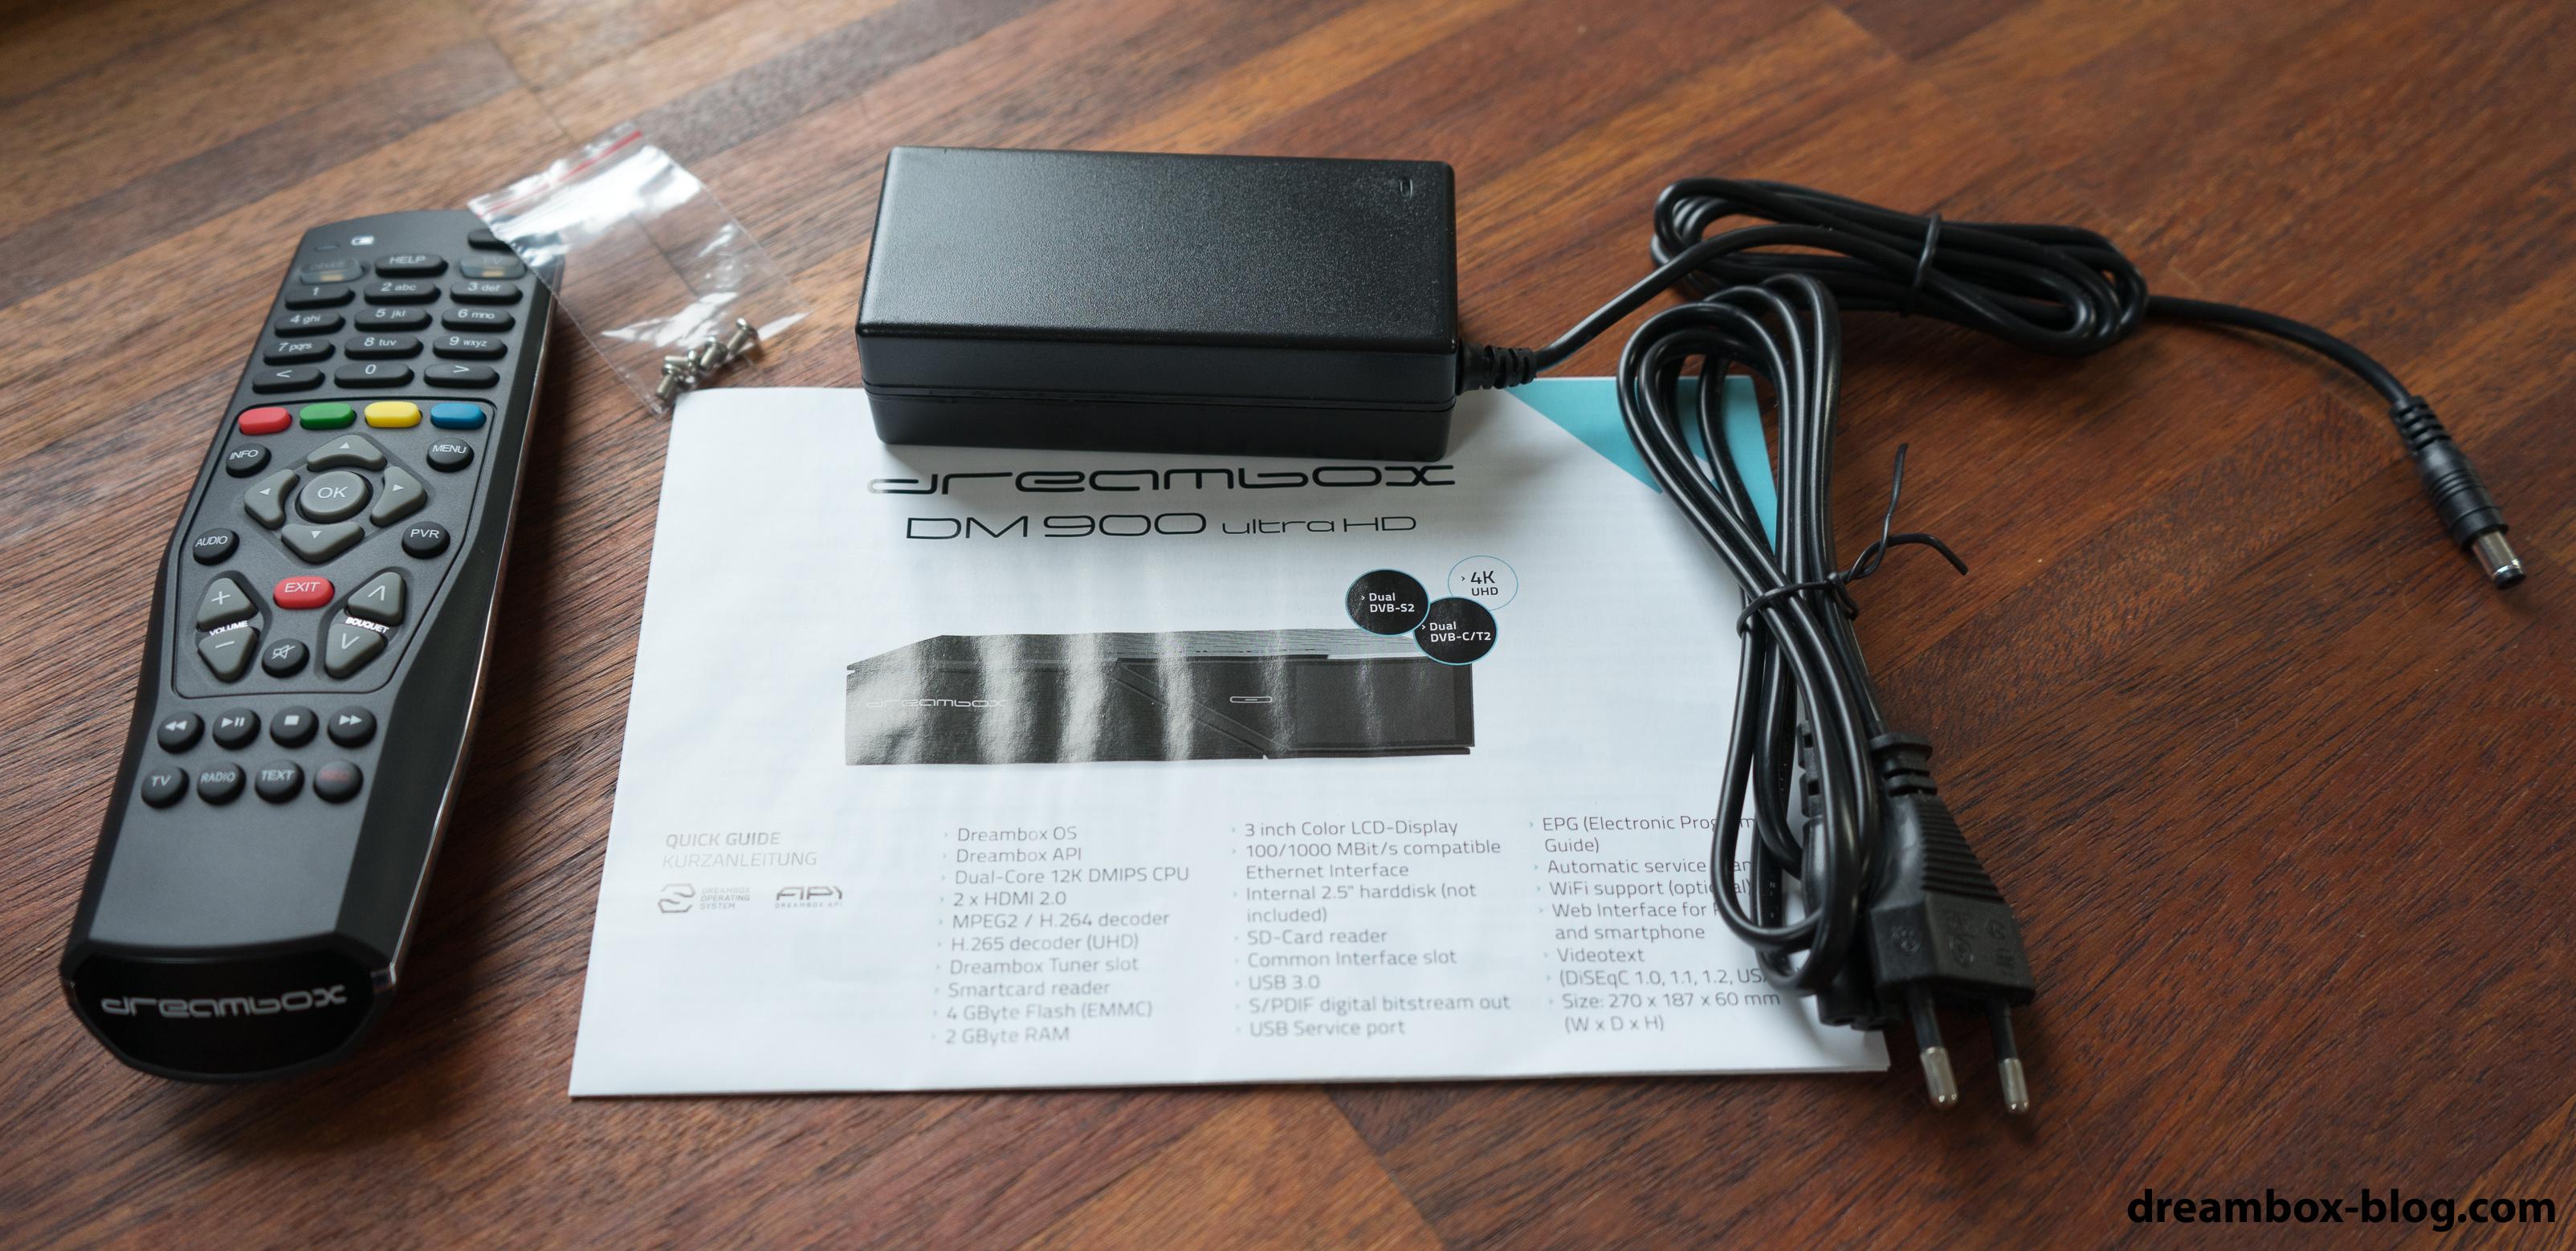 Die ersten Eindrücke der DM900 UHD › Dreambox Blog